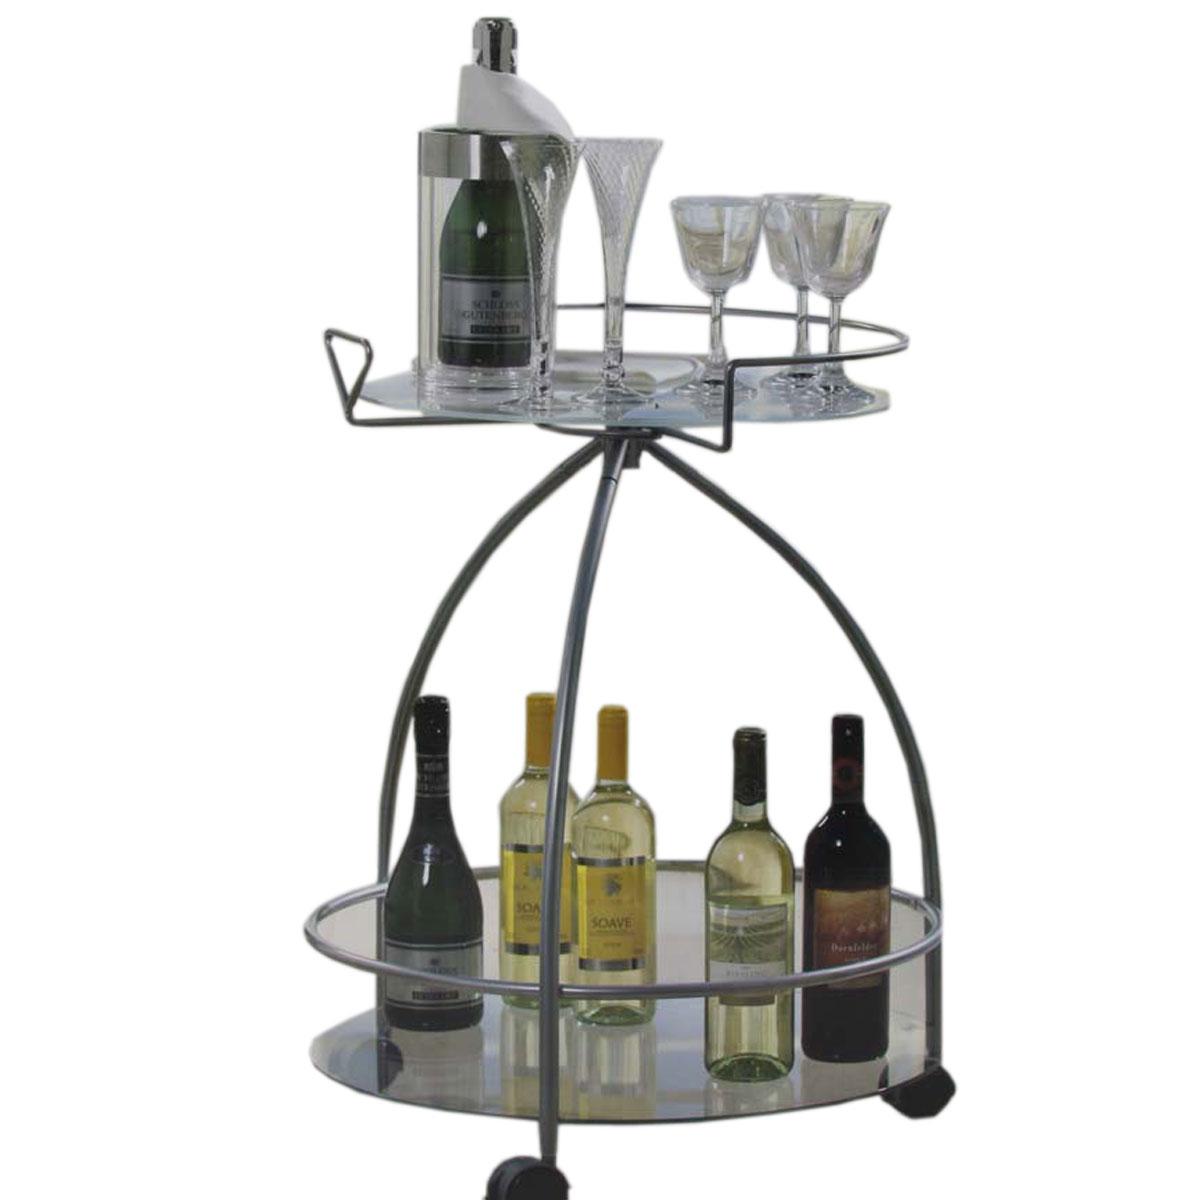 beistelltisch beistellwagen glas d 57cm h 75cm kaufen bei mendler vertriebs gmbh. Black Bedroom Furniture Sets. Home Design Ideas